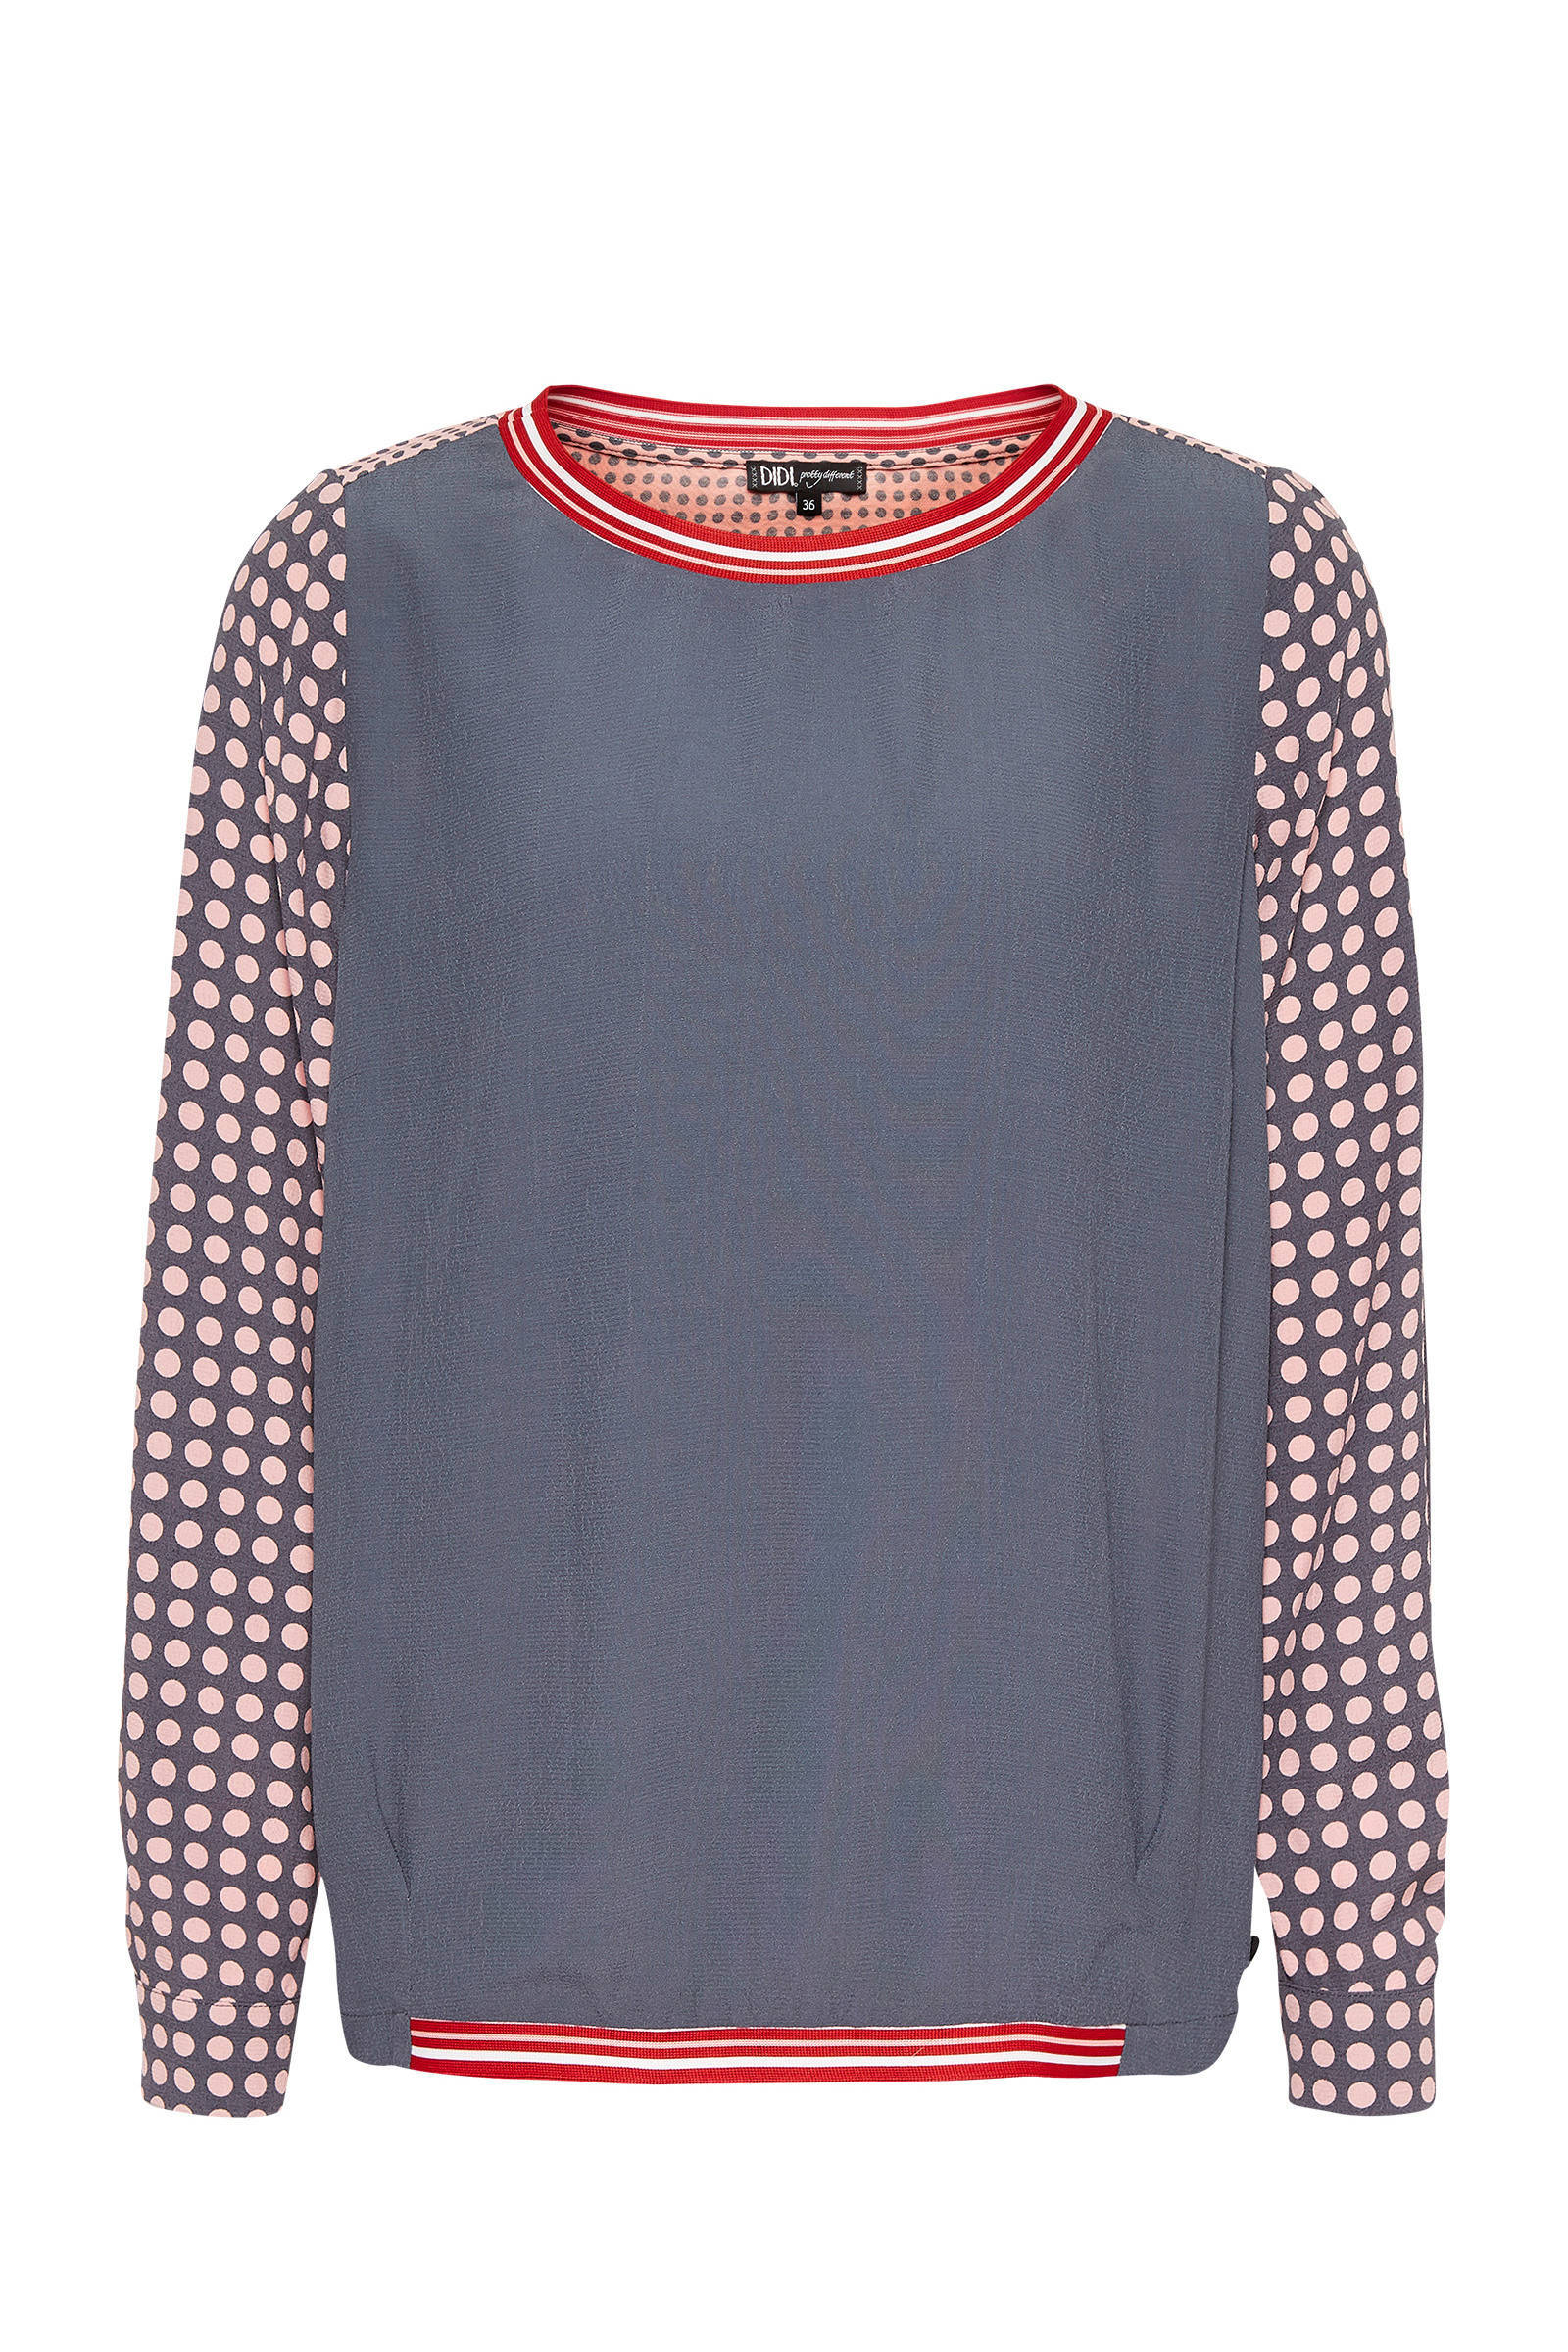 b8403183f7eb6f blouses DIDI bij wehkamp bezorging vanaf Gratis topsamp; 20 Nwvm0nO8